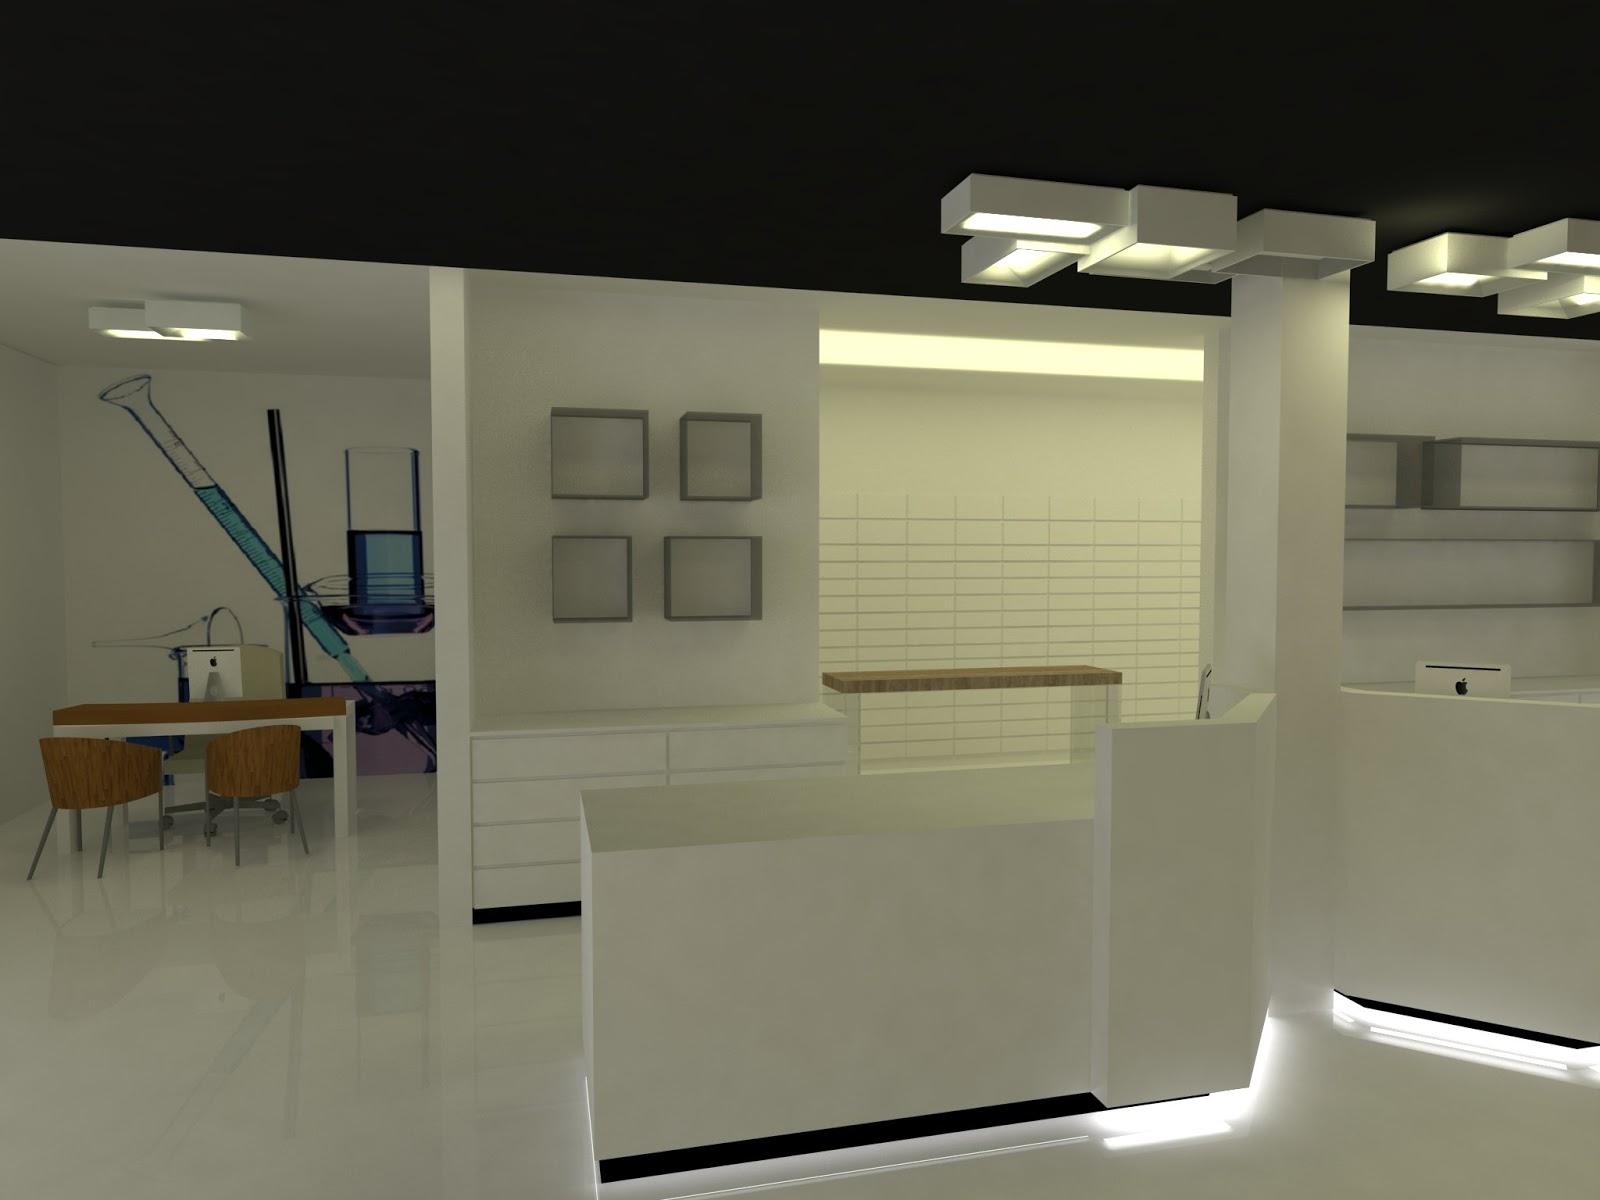 Dise o de interiores escuela de arte de motril proyecto for Diseno de interiores zona oeste